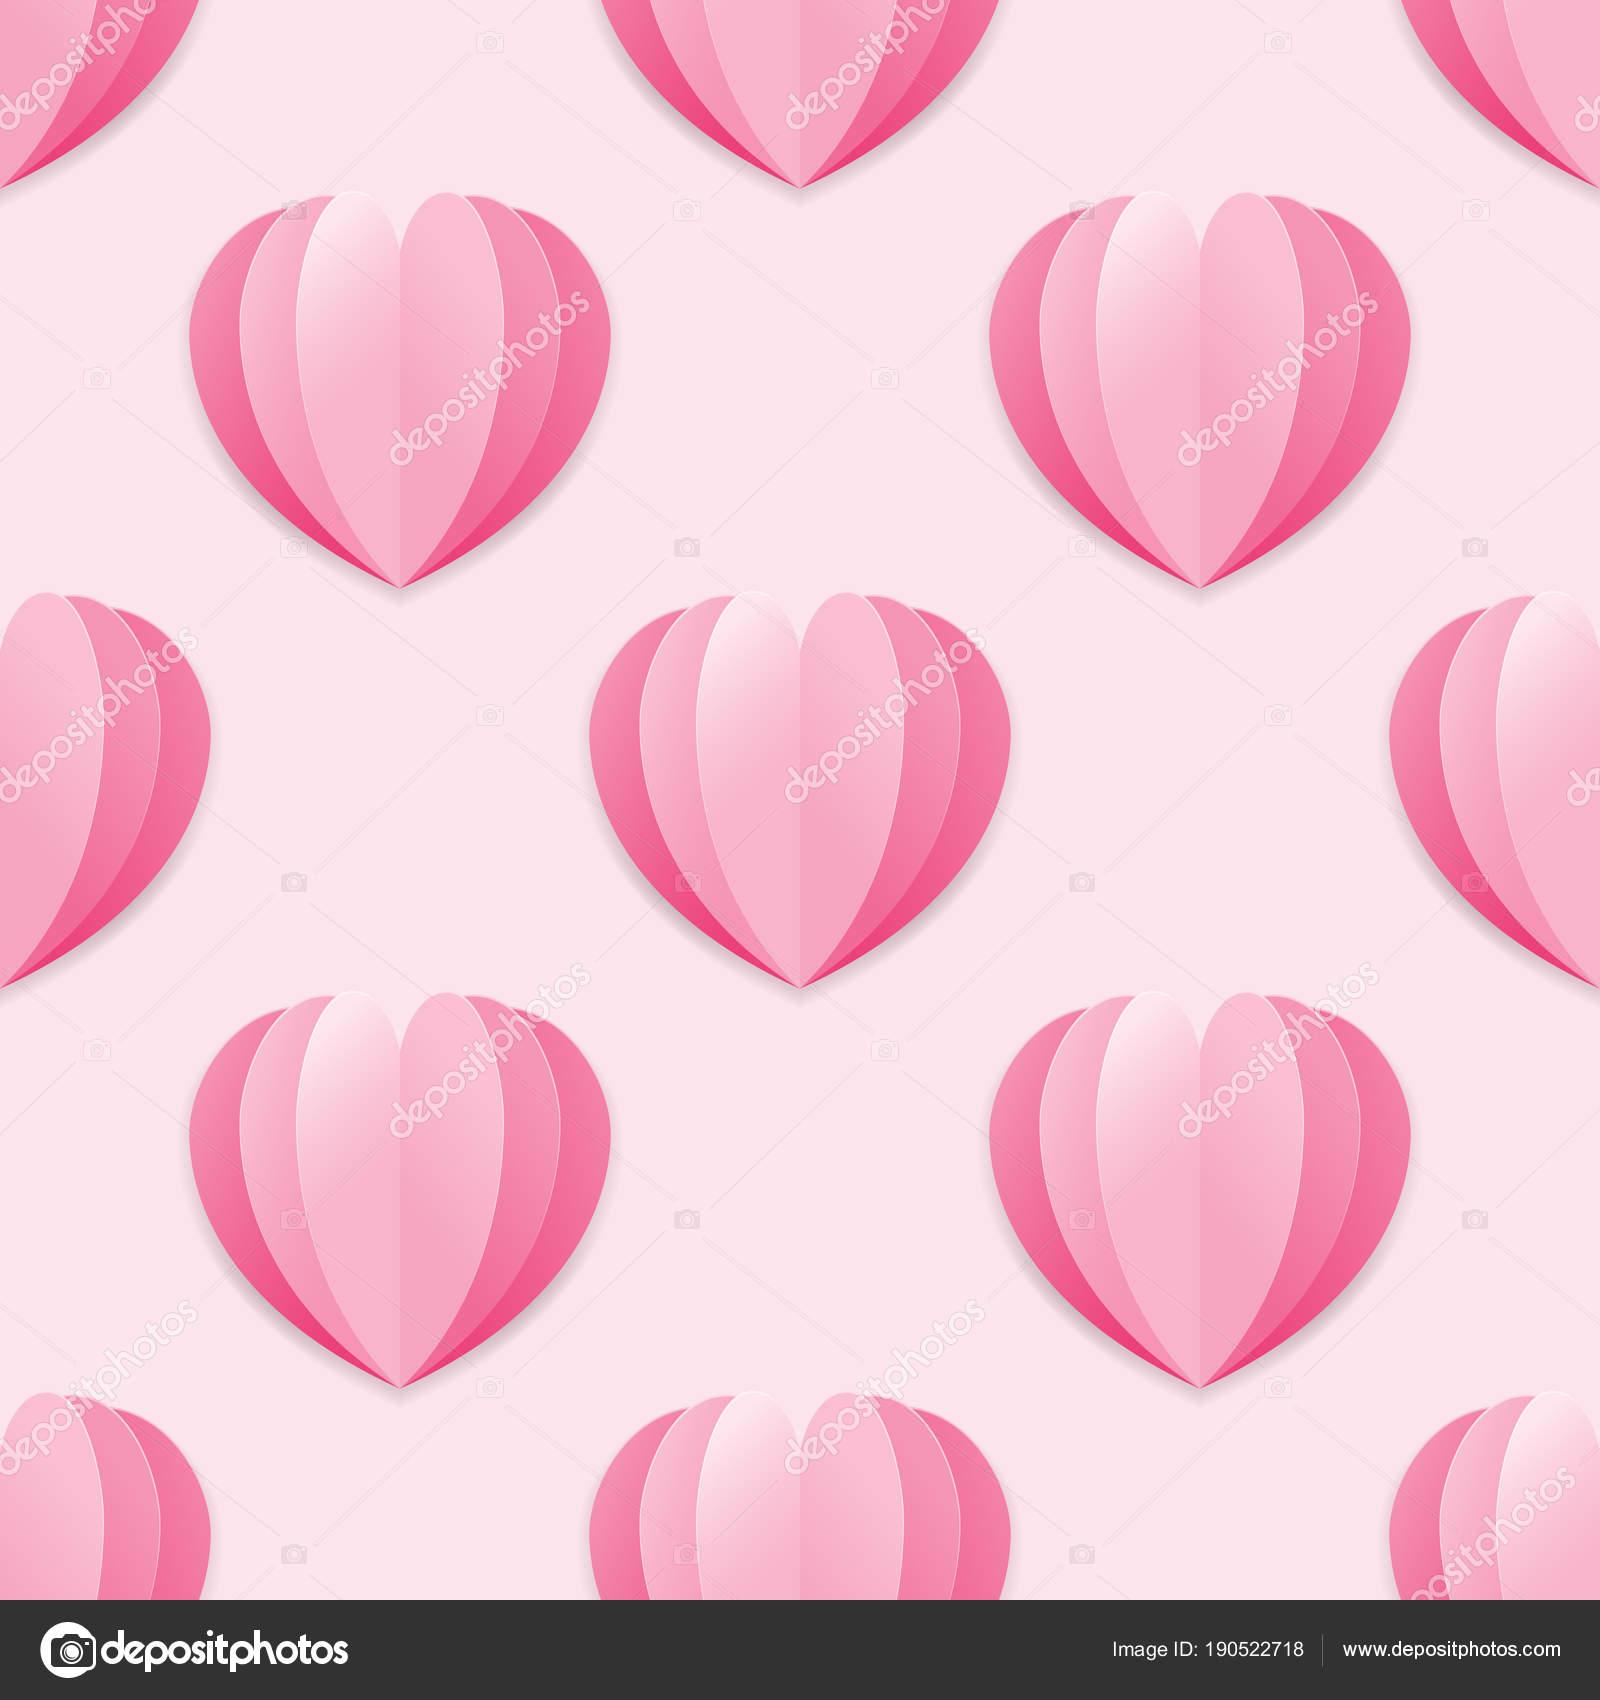 Nahtlose Hintergrund rosa Papierherzen. Romantisches Symbol der ...